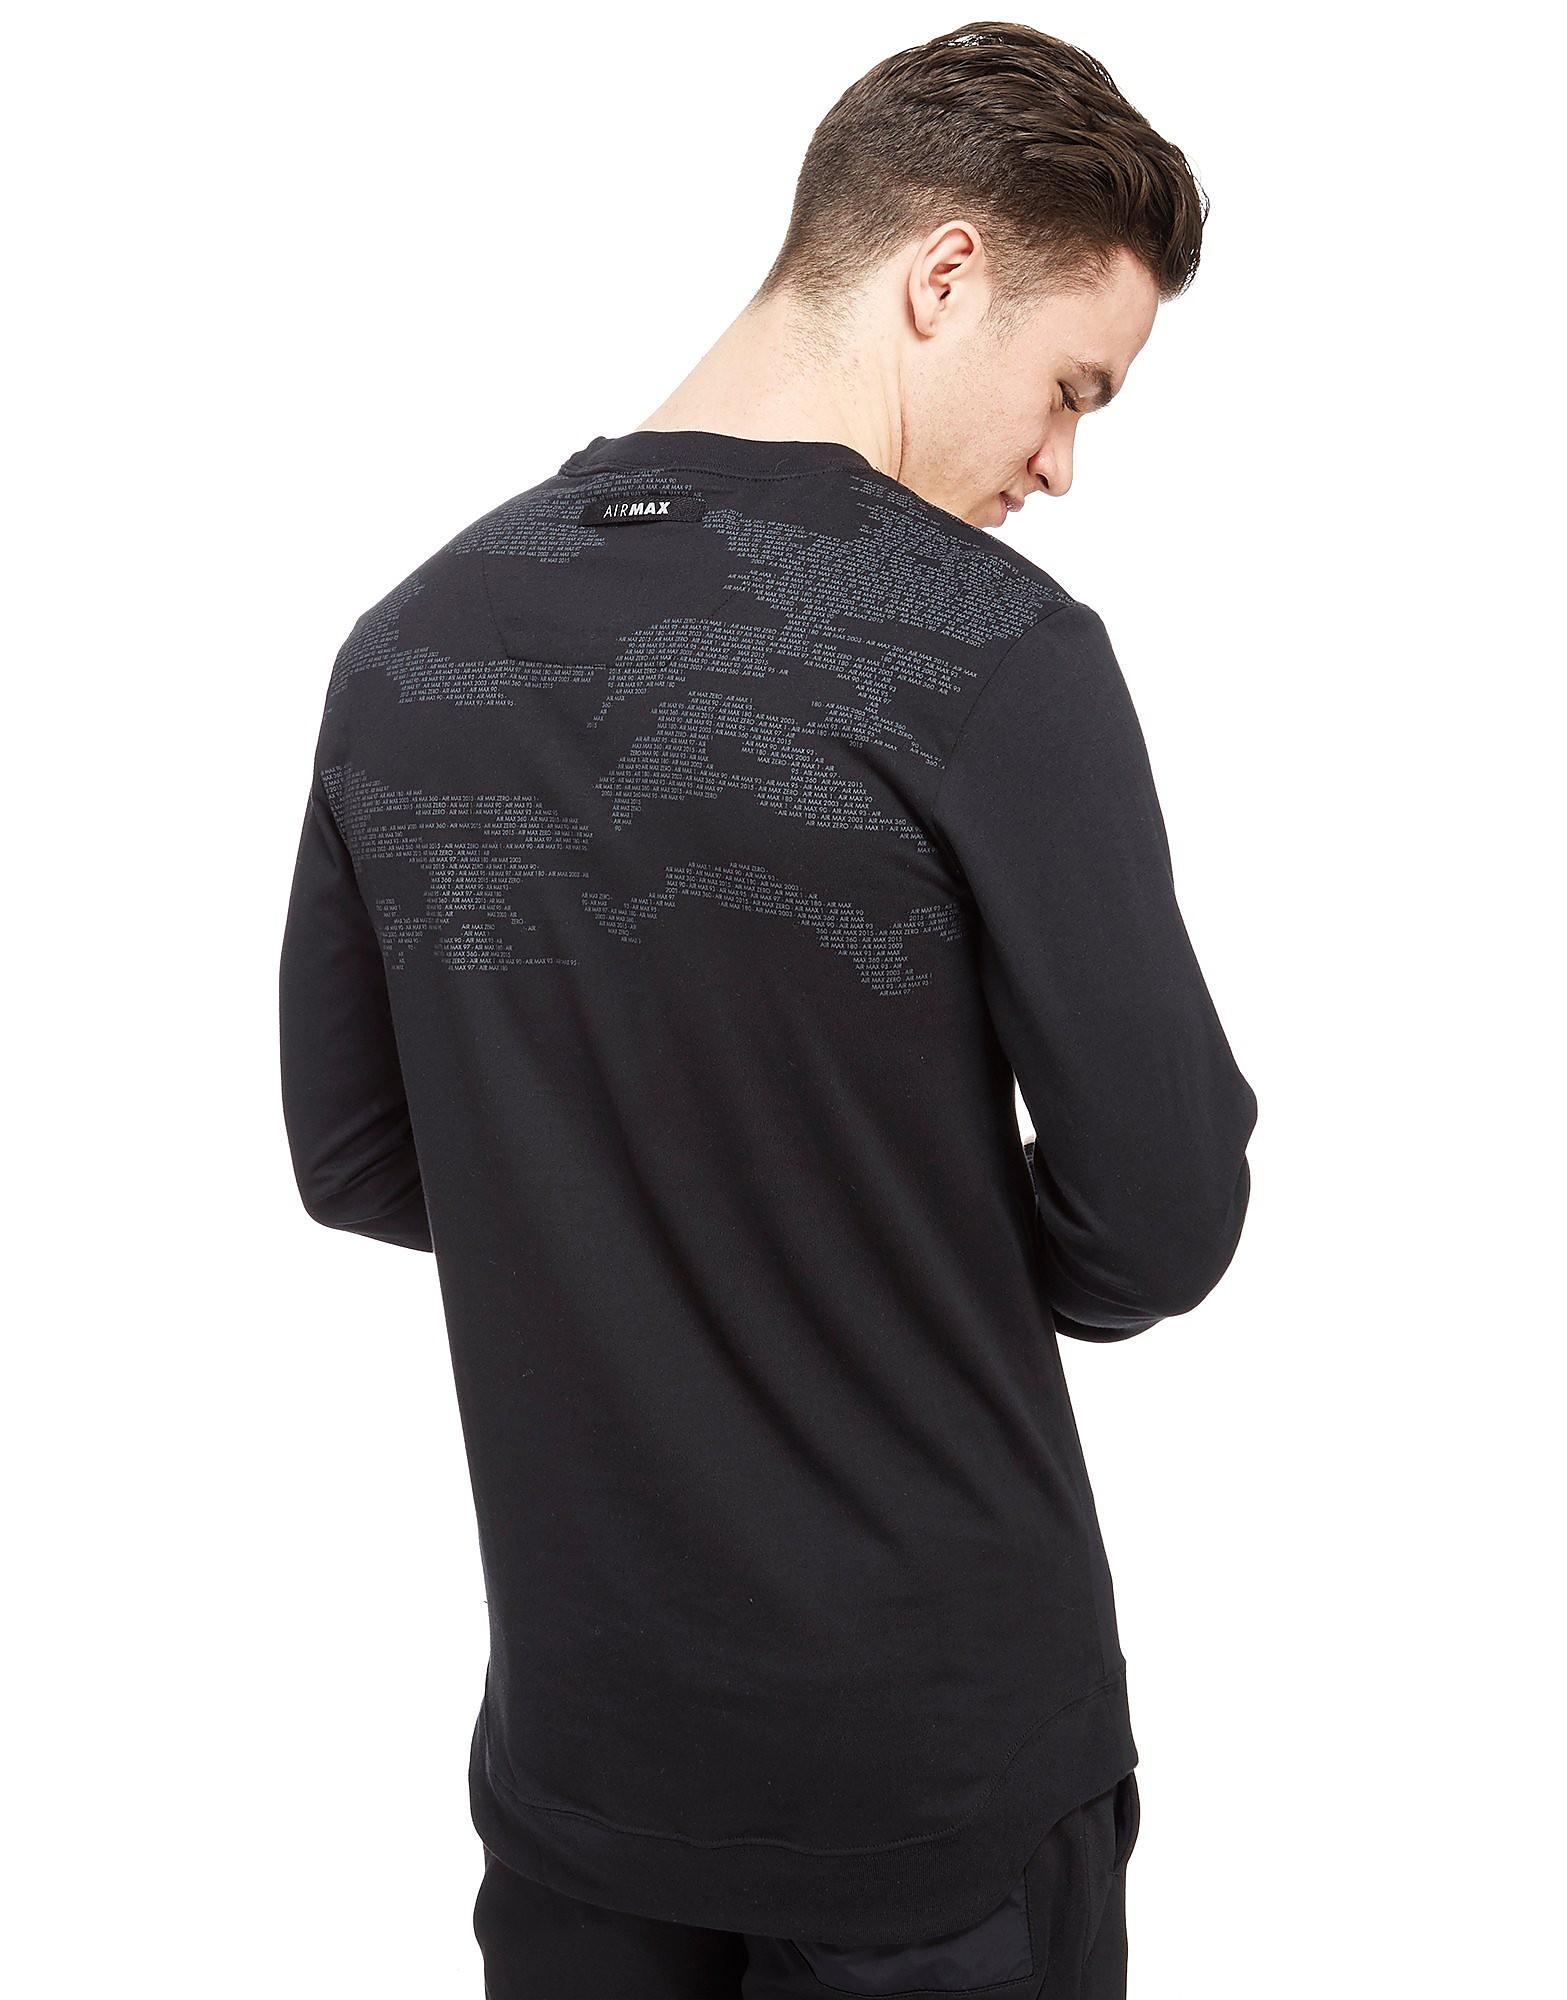 Nike Air Max Longsleeve T-Shirt